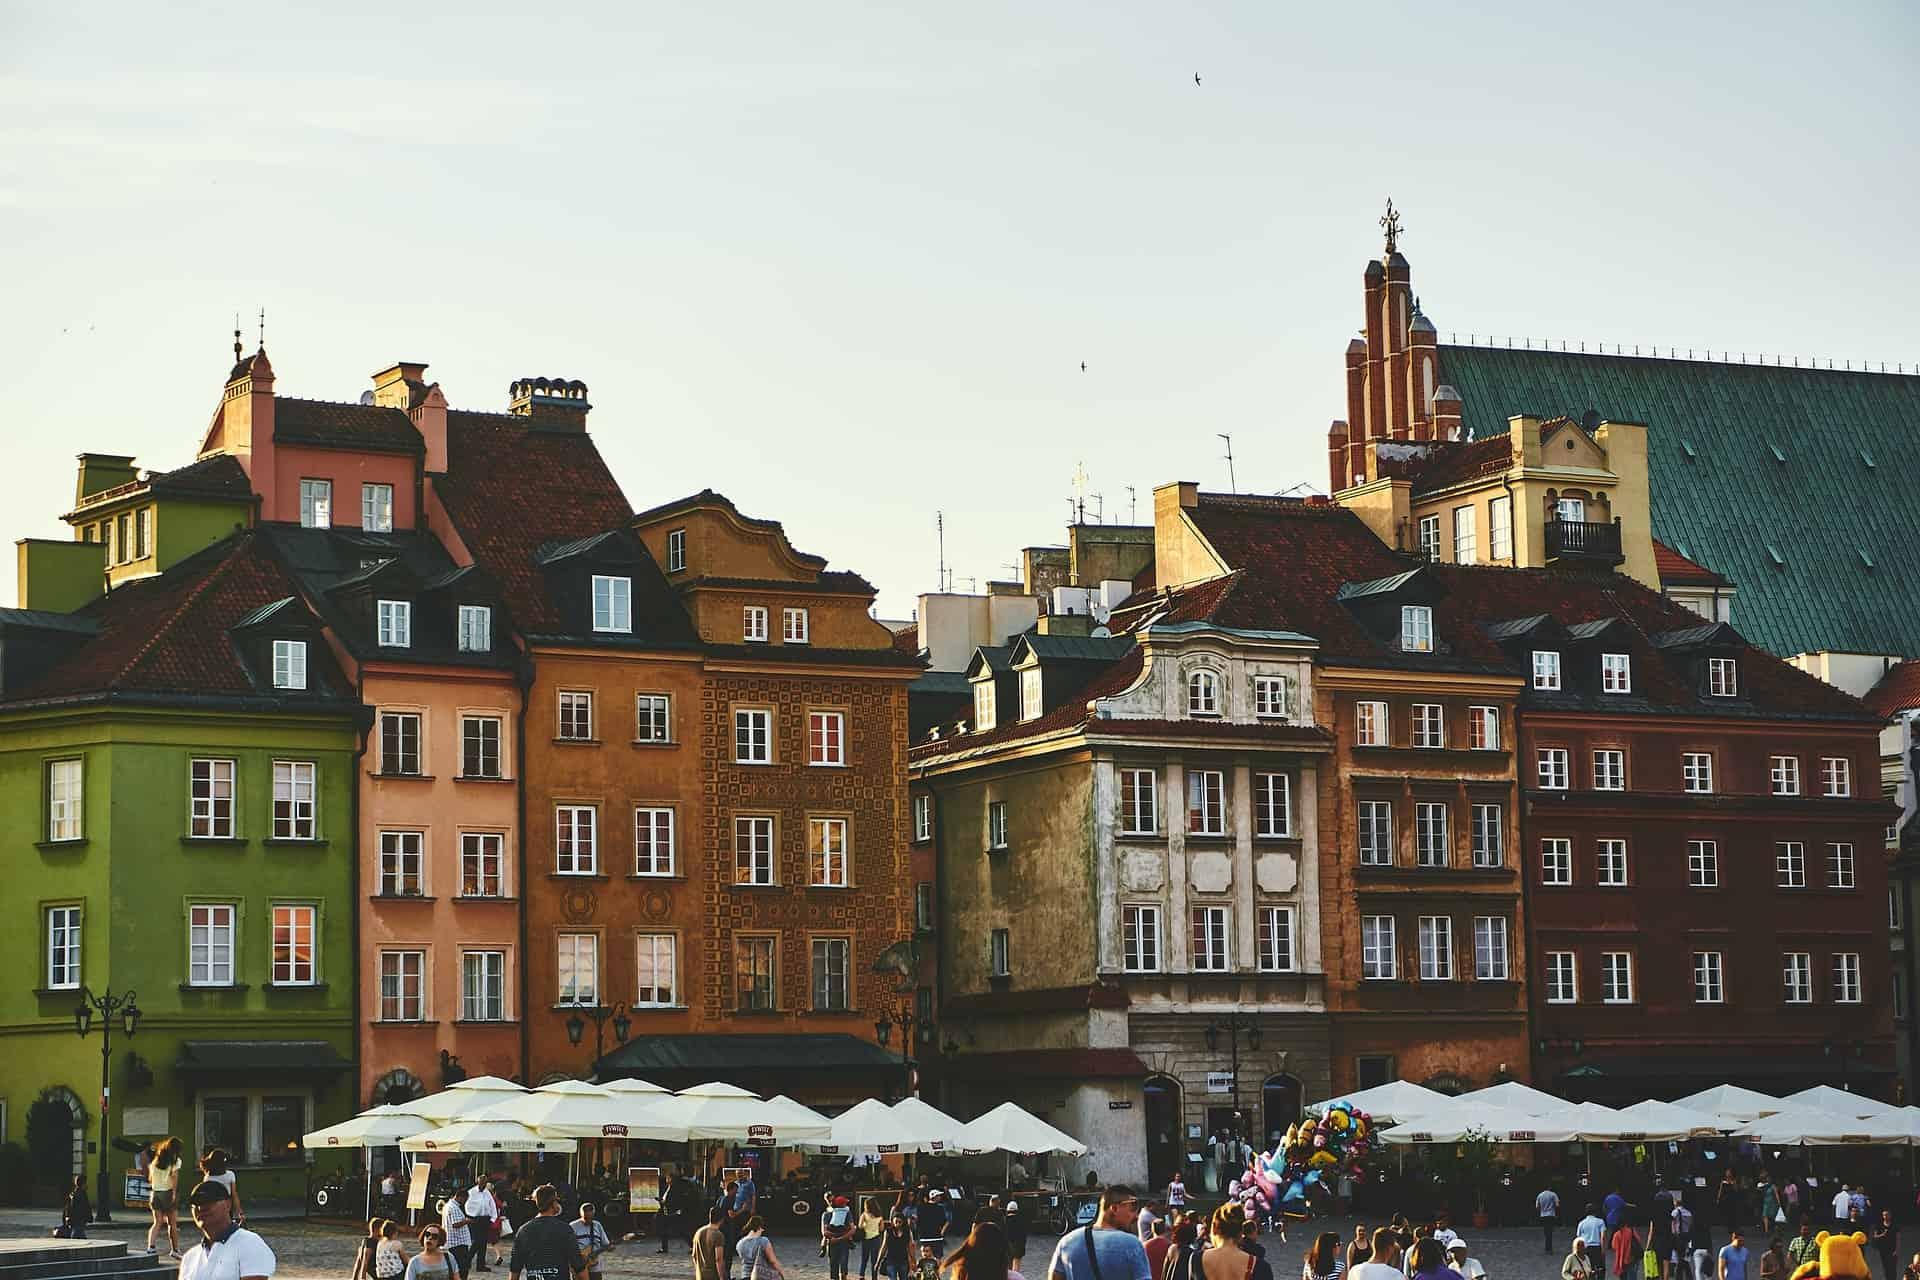 Polonia permitirá que personas que se hayan vacunado contra el COVID-19 puedan ingresar sin tener que hacer cuarentena